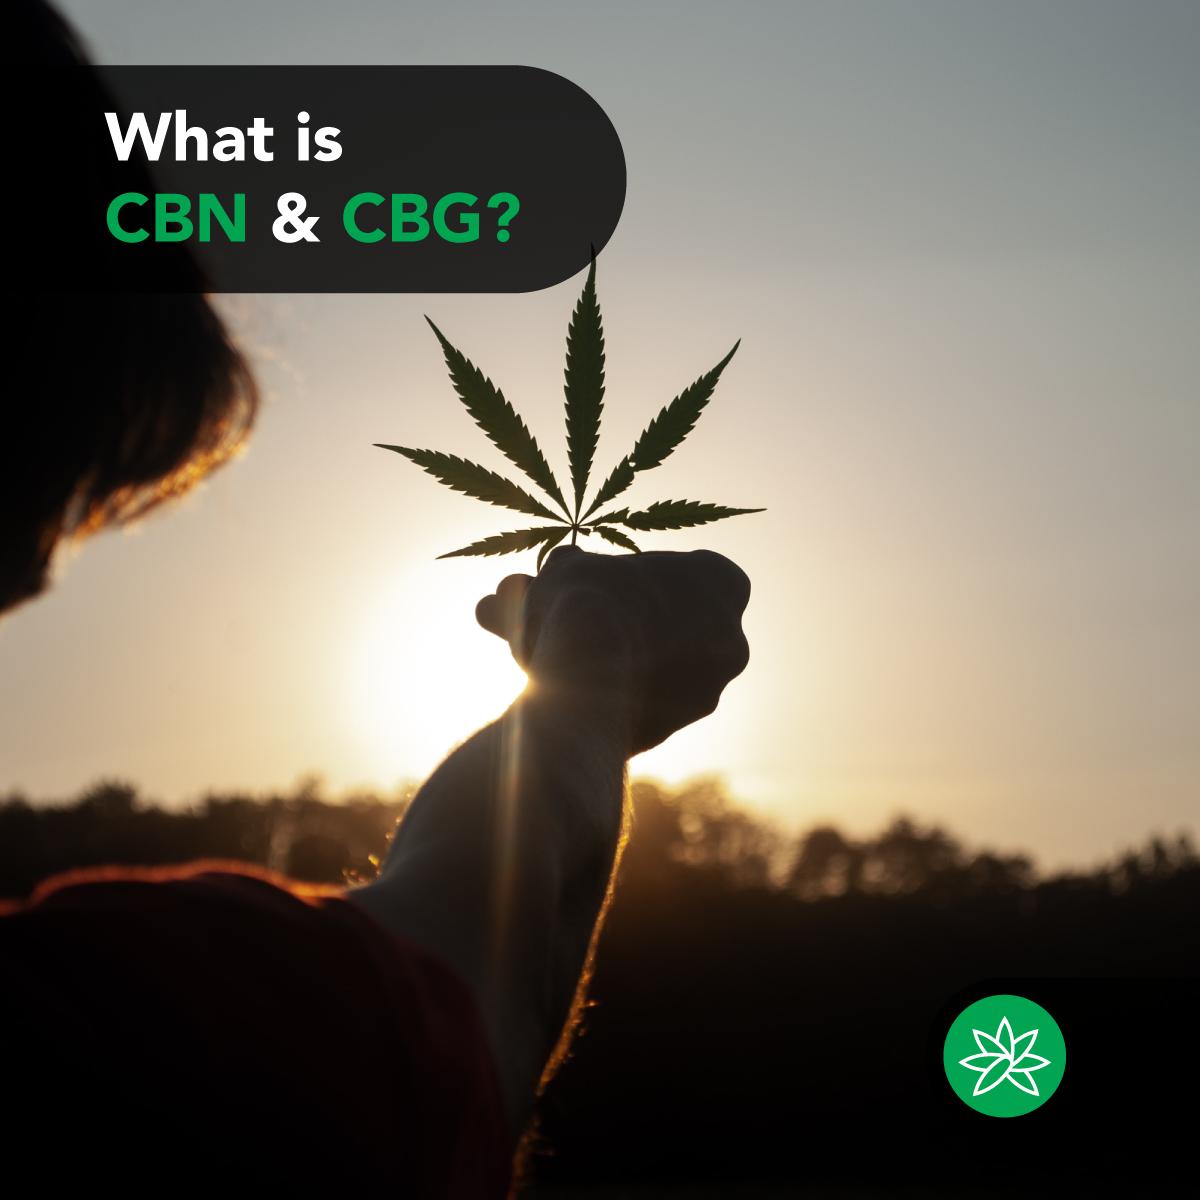 CBN & CBG